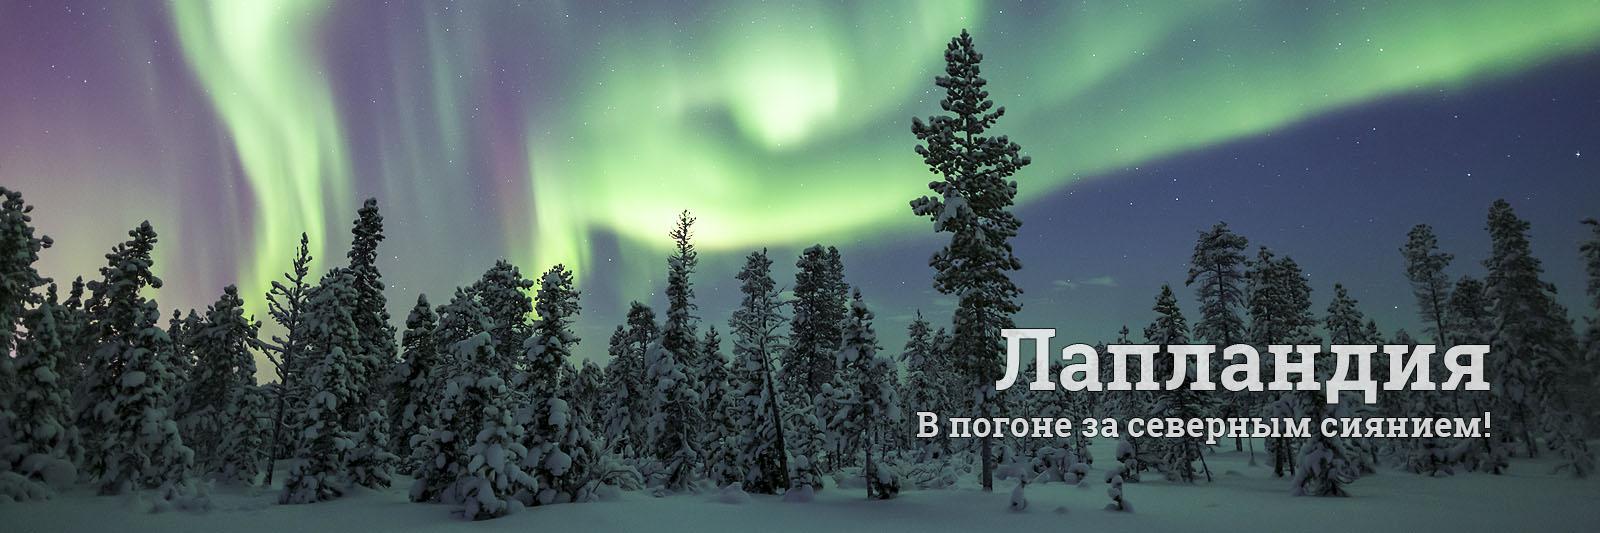 Туры в лапландию на новый год 2019